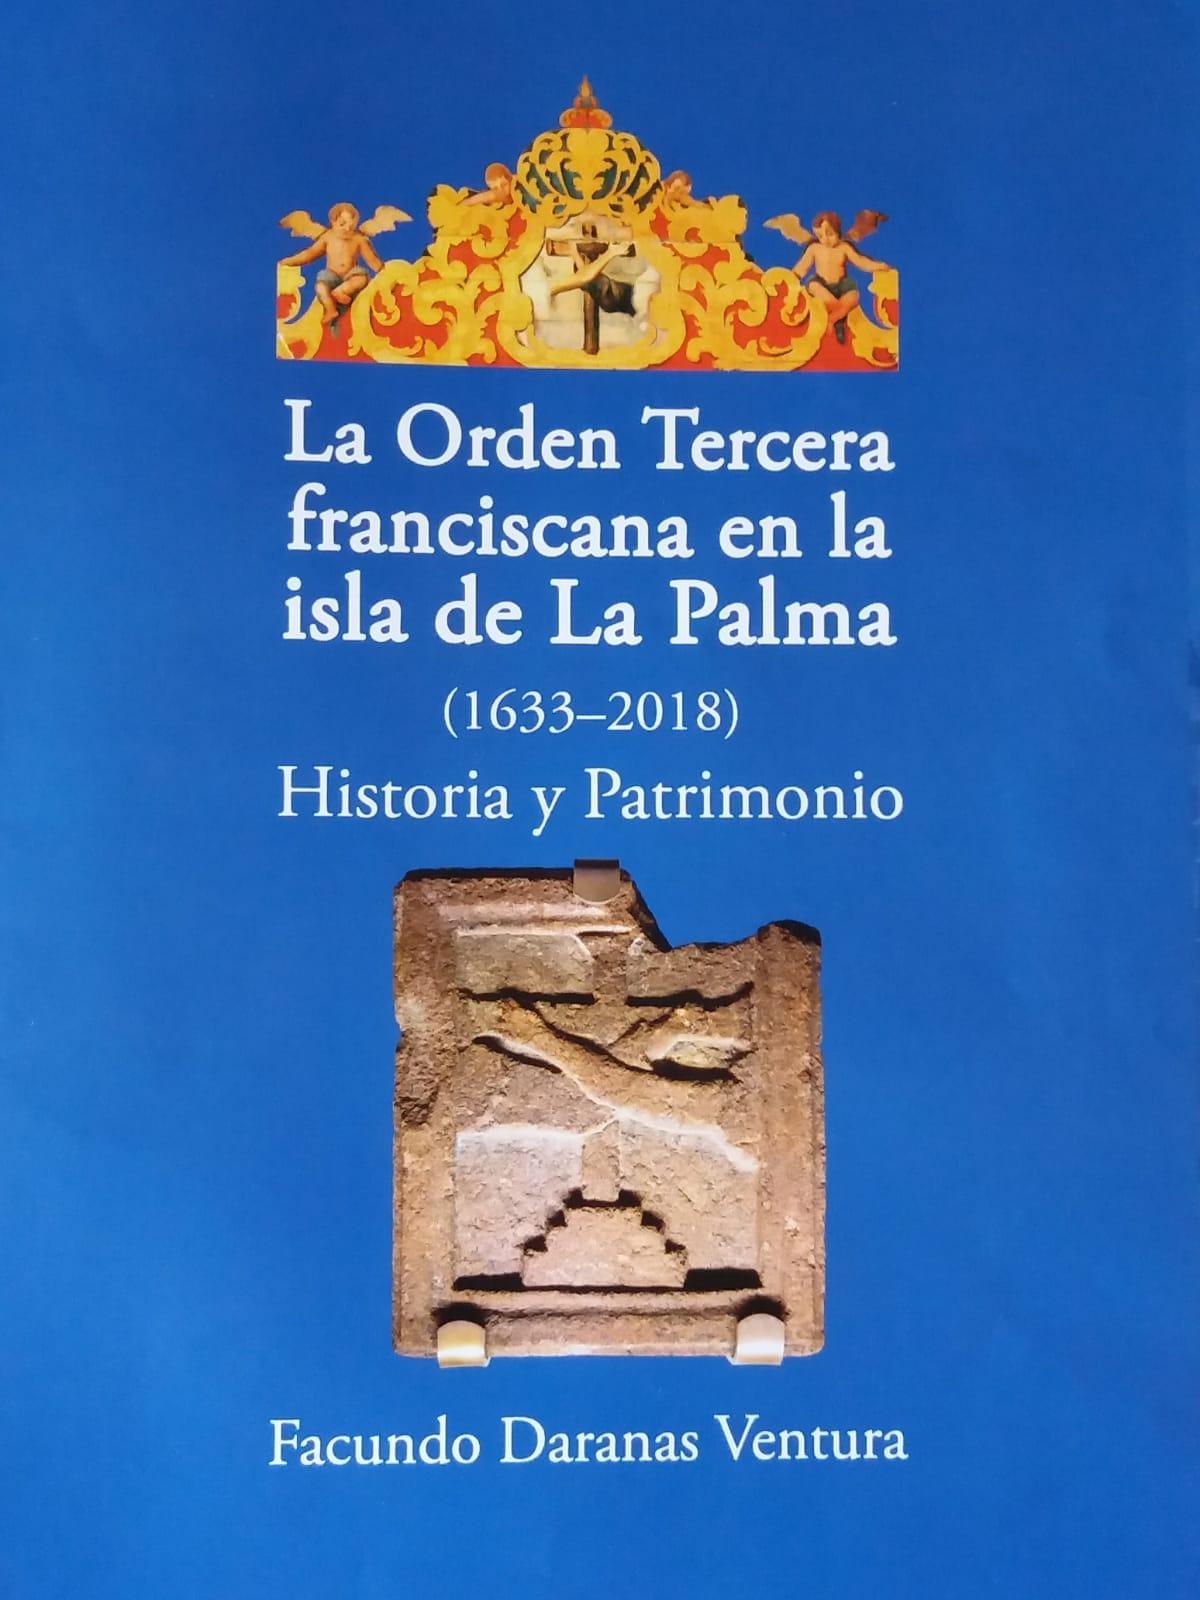 Portada del libro de Facundo Daranas.